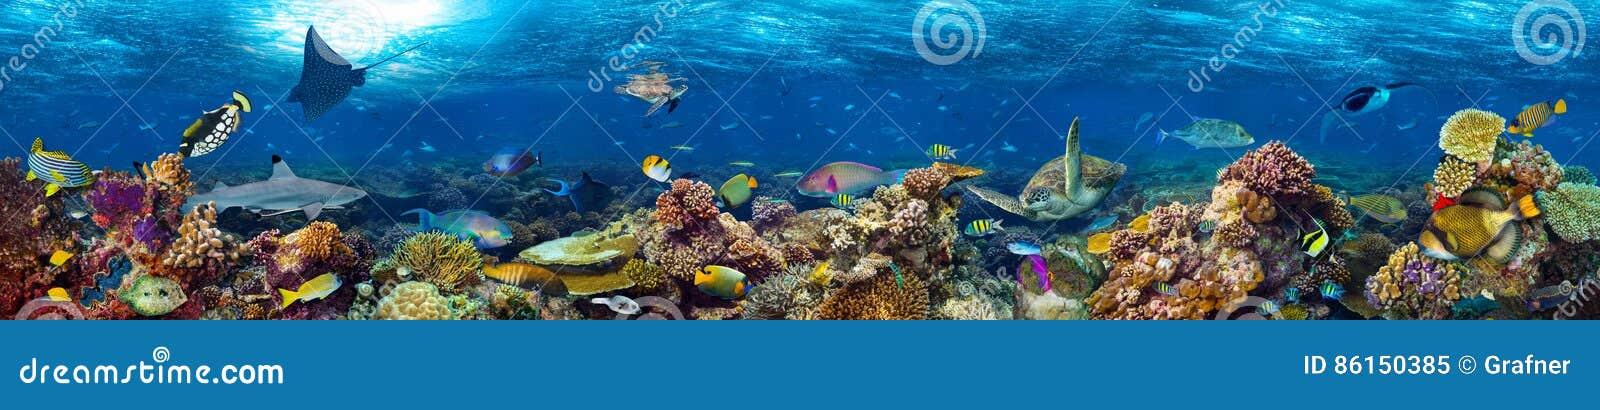 Подводный ландшафт кораллового рифа